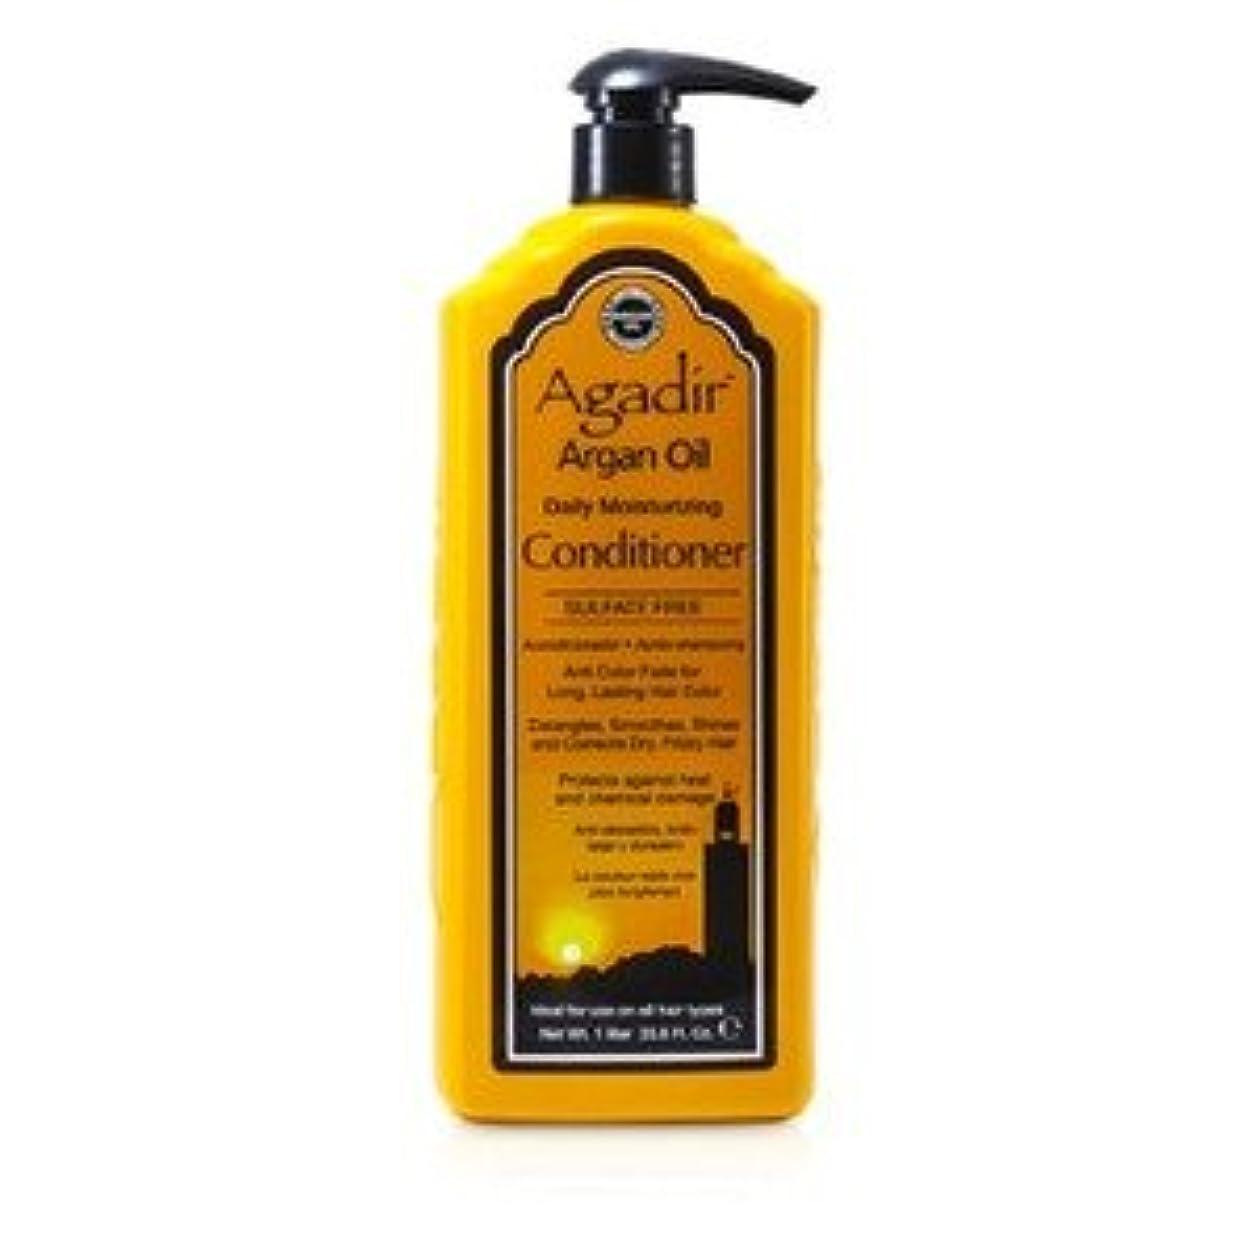 エントリインタフェース平和的アガディール(Agadir) デイリー モイスチャライジング コンディショナー(全ての髪質へ) 1000ml/33.8oz [並行輸入品]